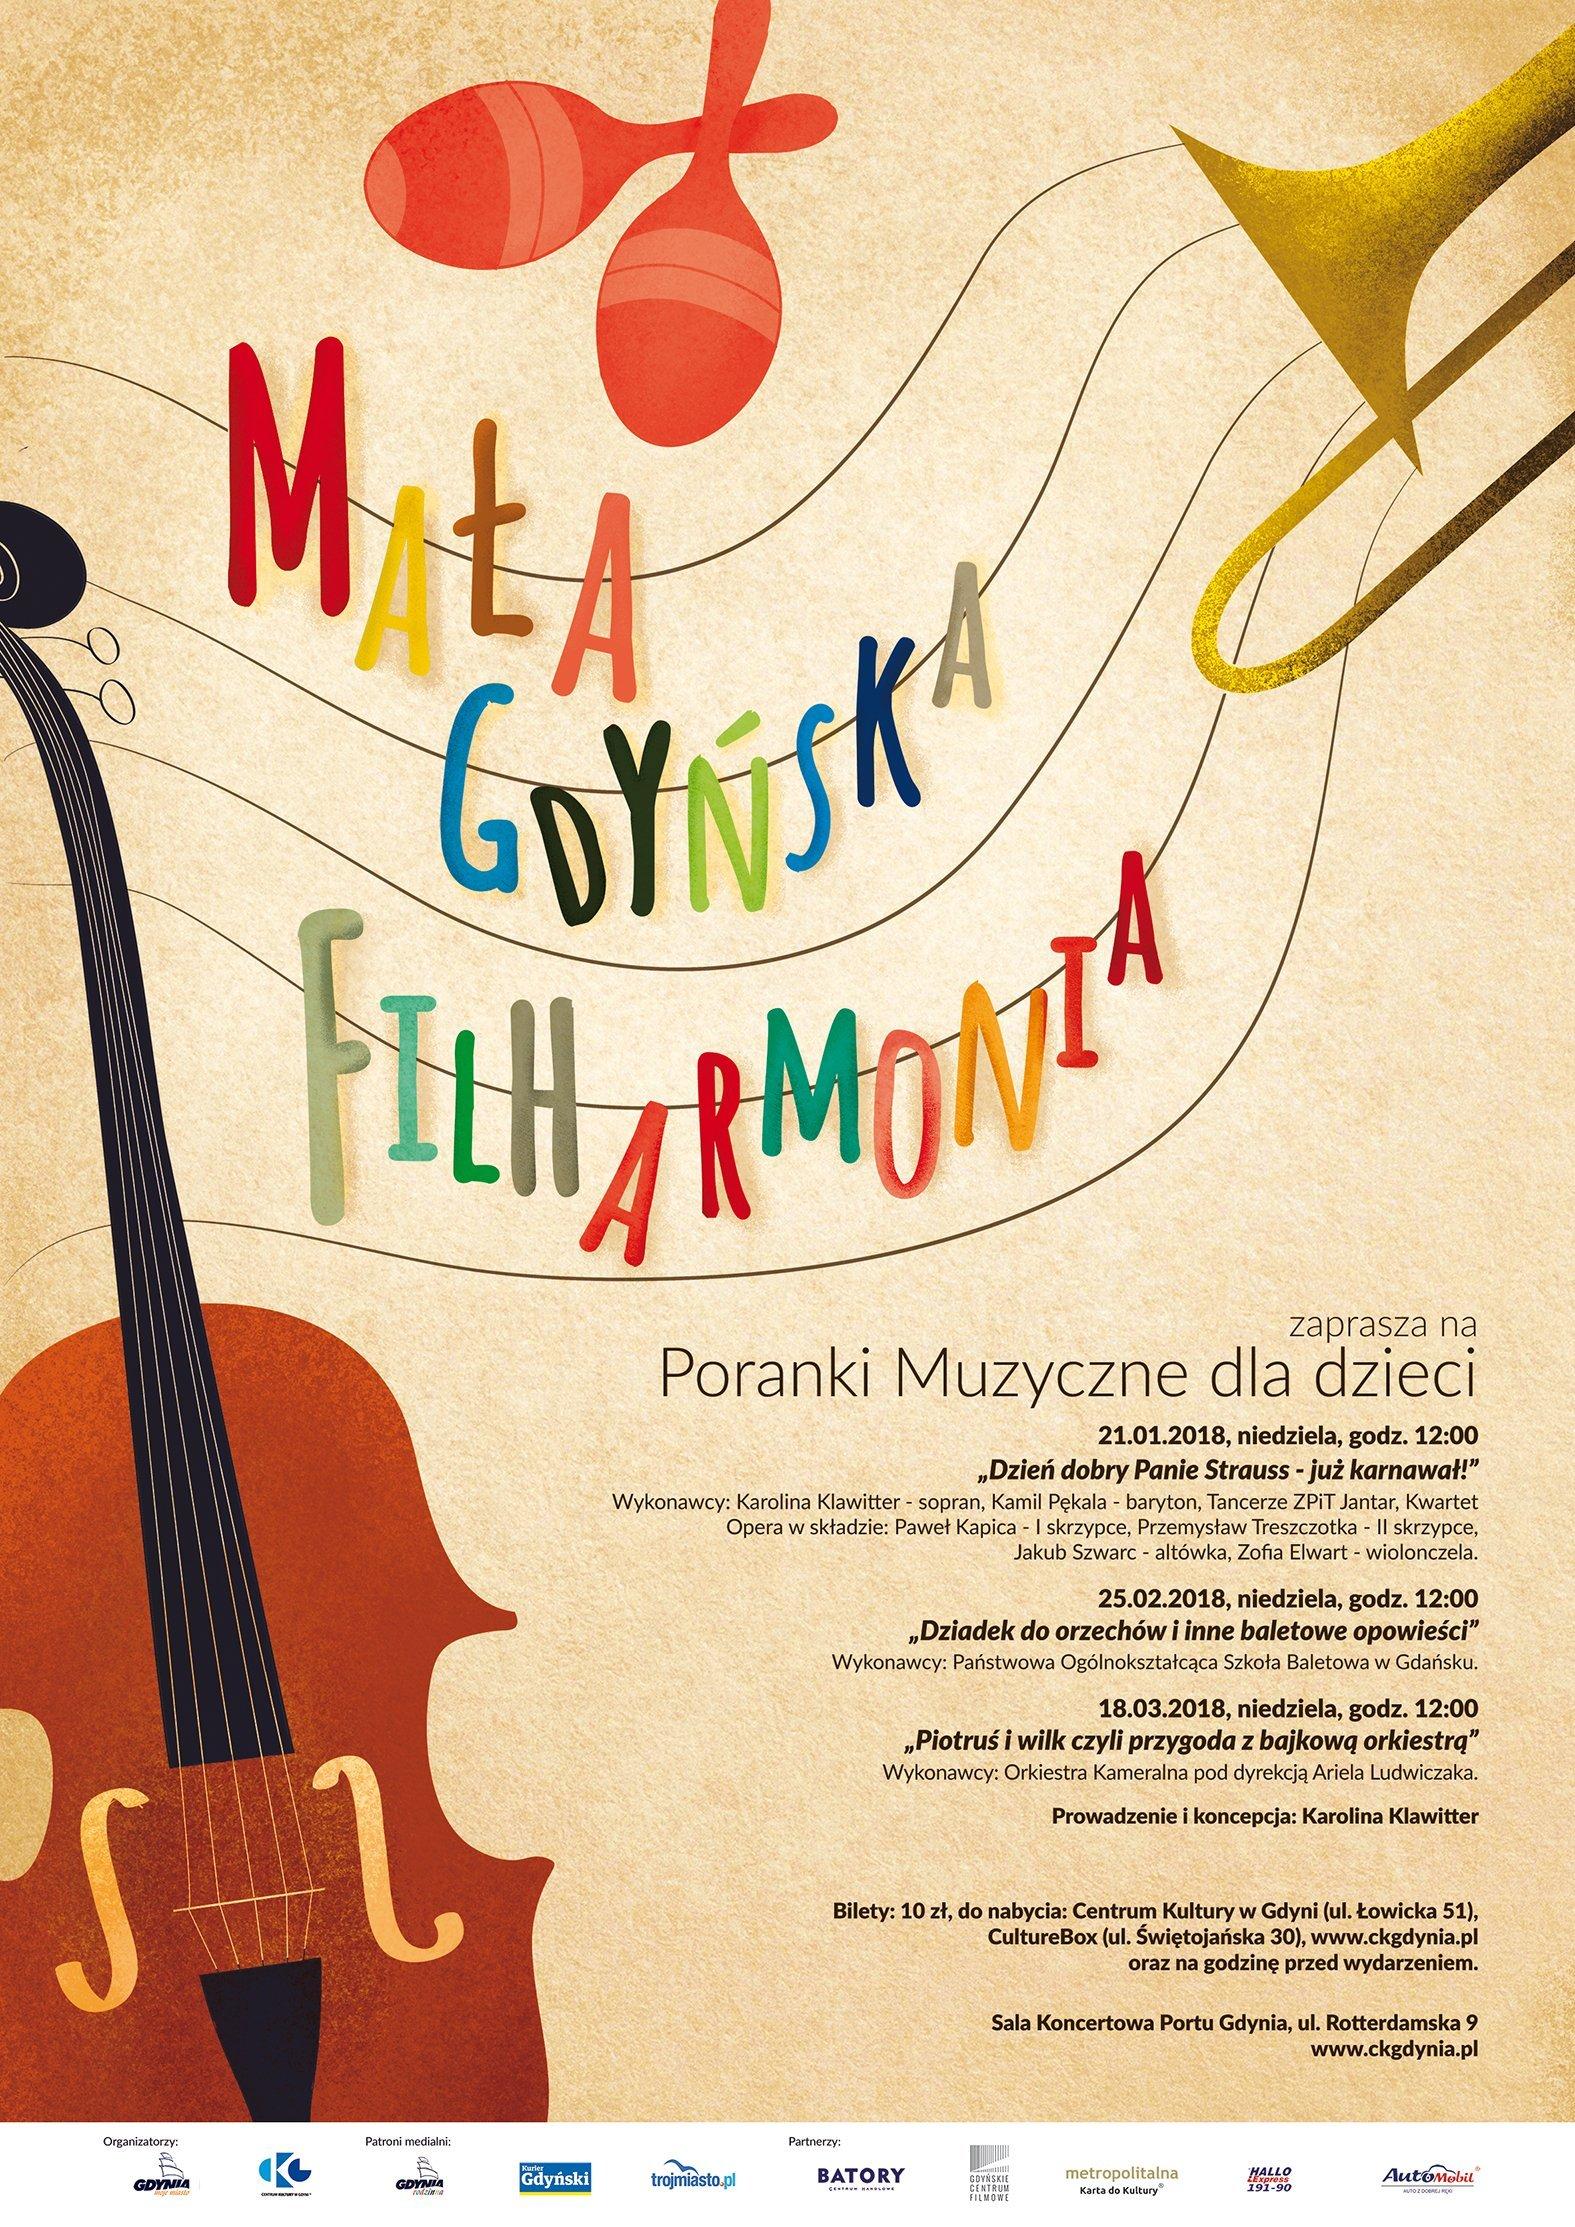 Mała Gdyńska Filharmonia: Dzień dobry Panie Strauss – już karnawał